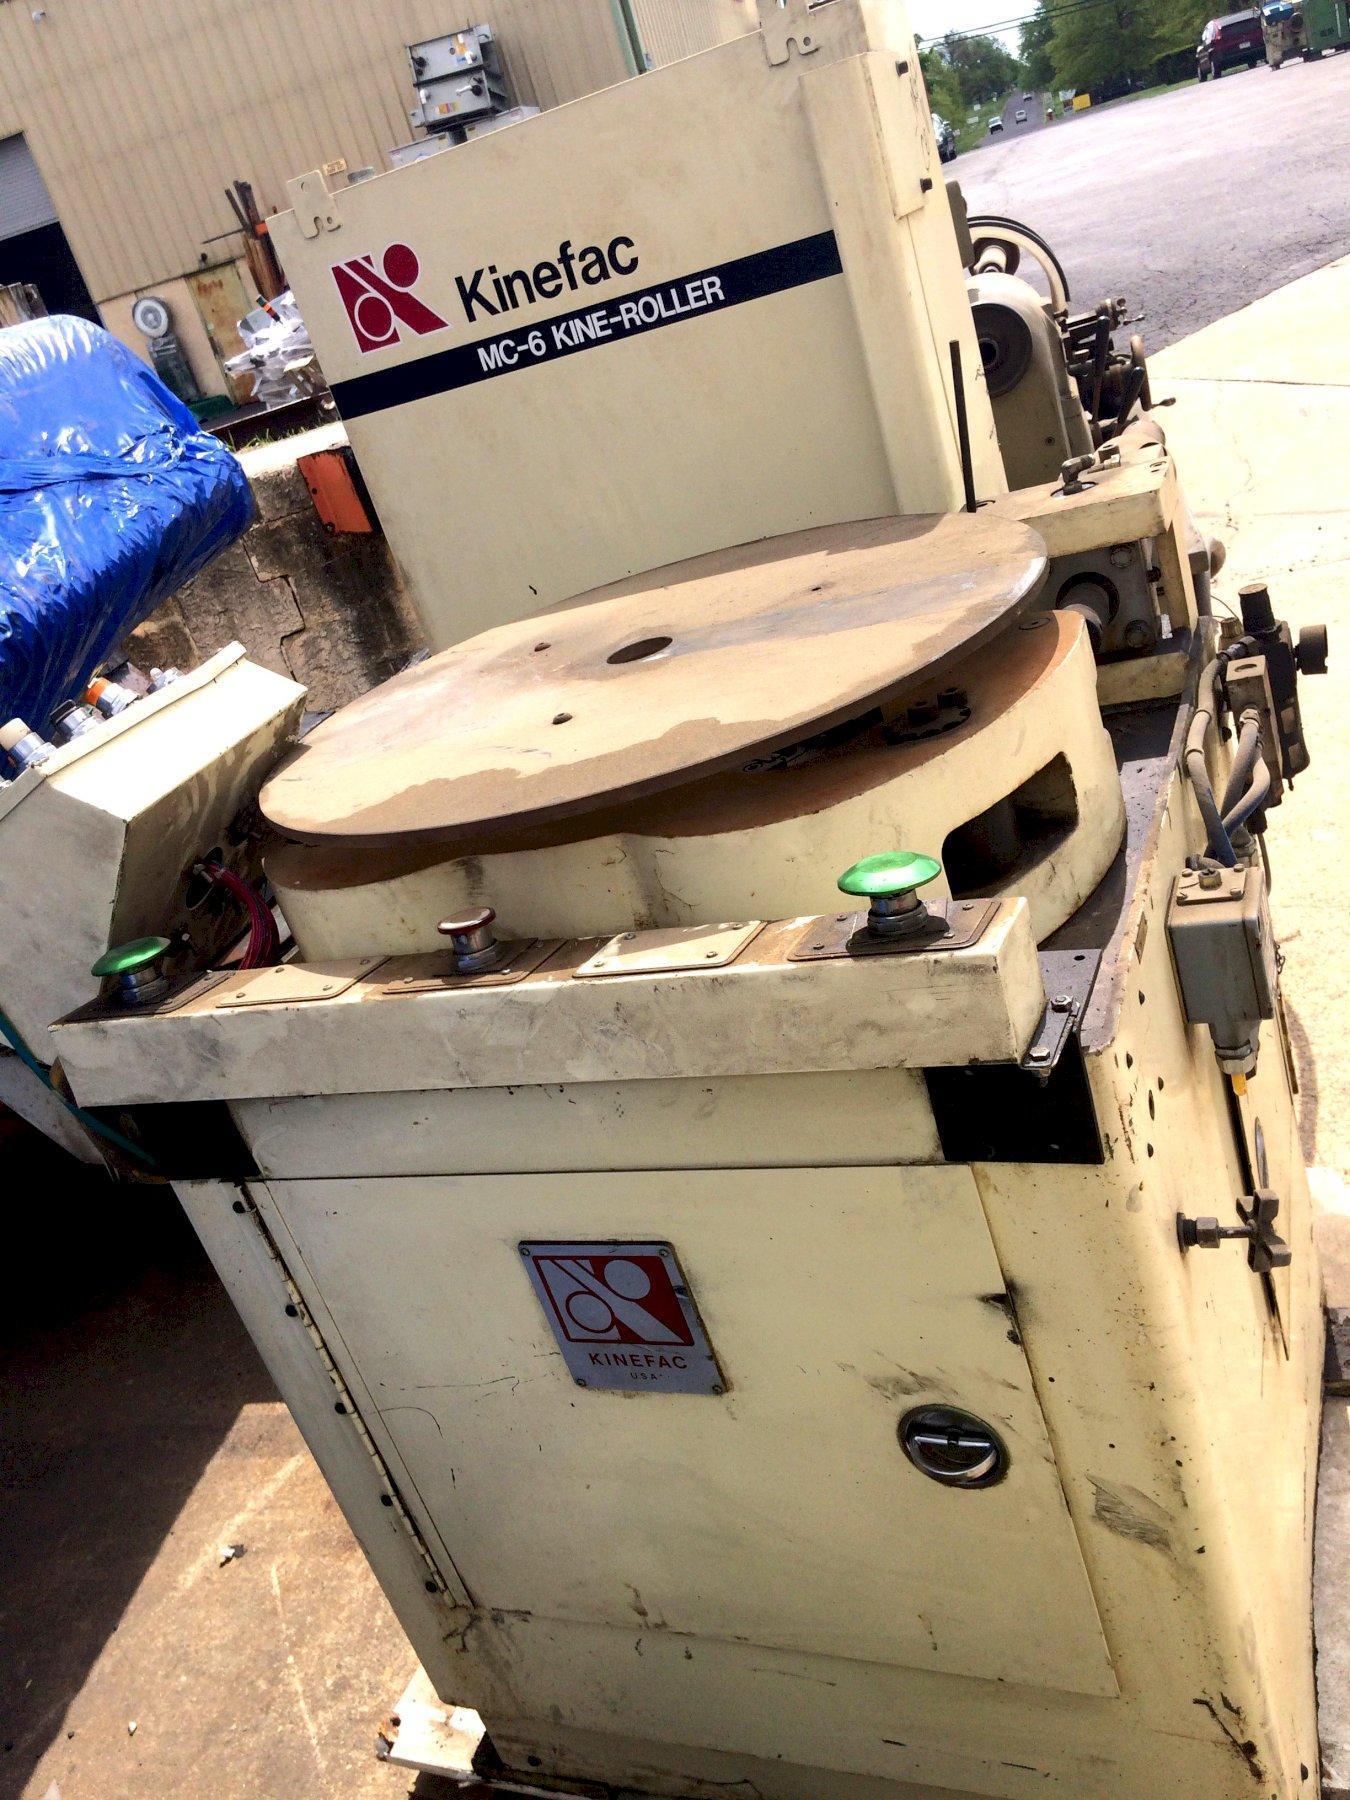 Kinefac MC-6 Cylindrical Thread Roller